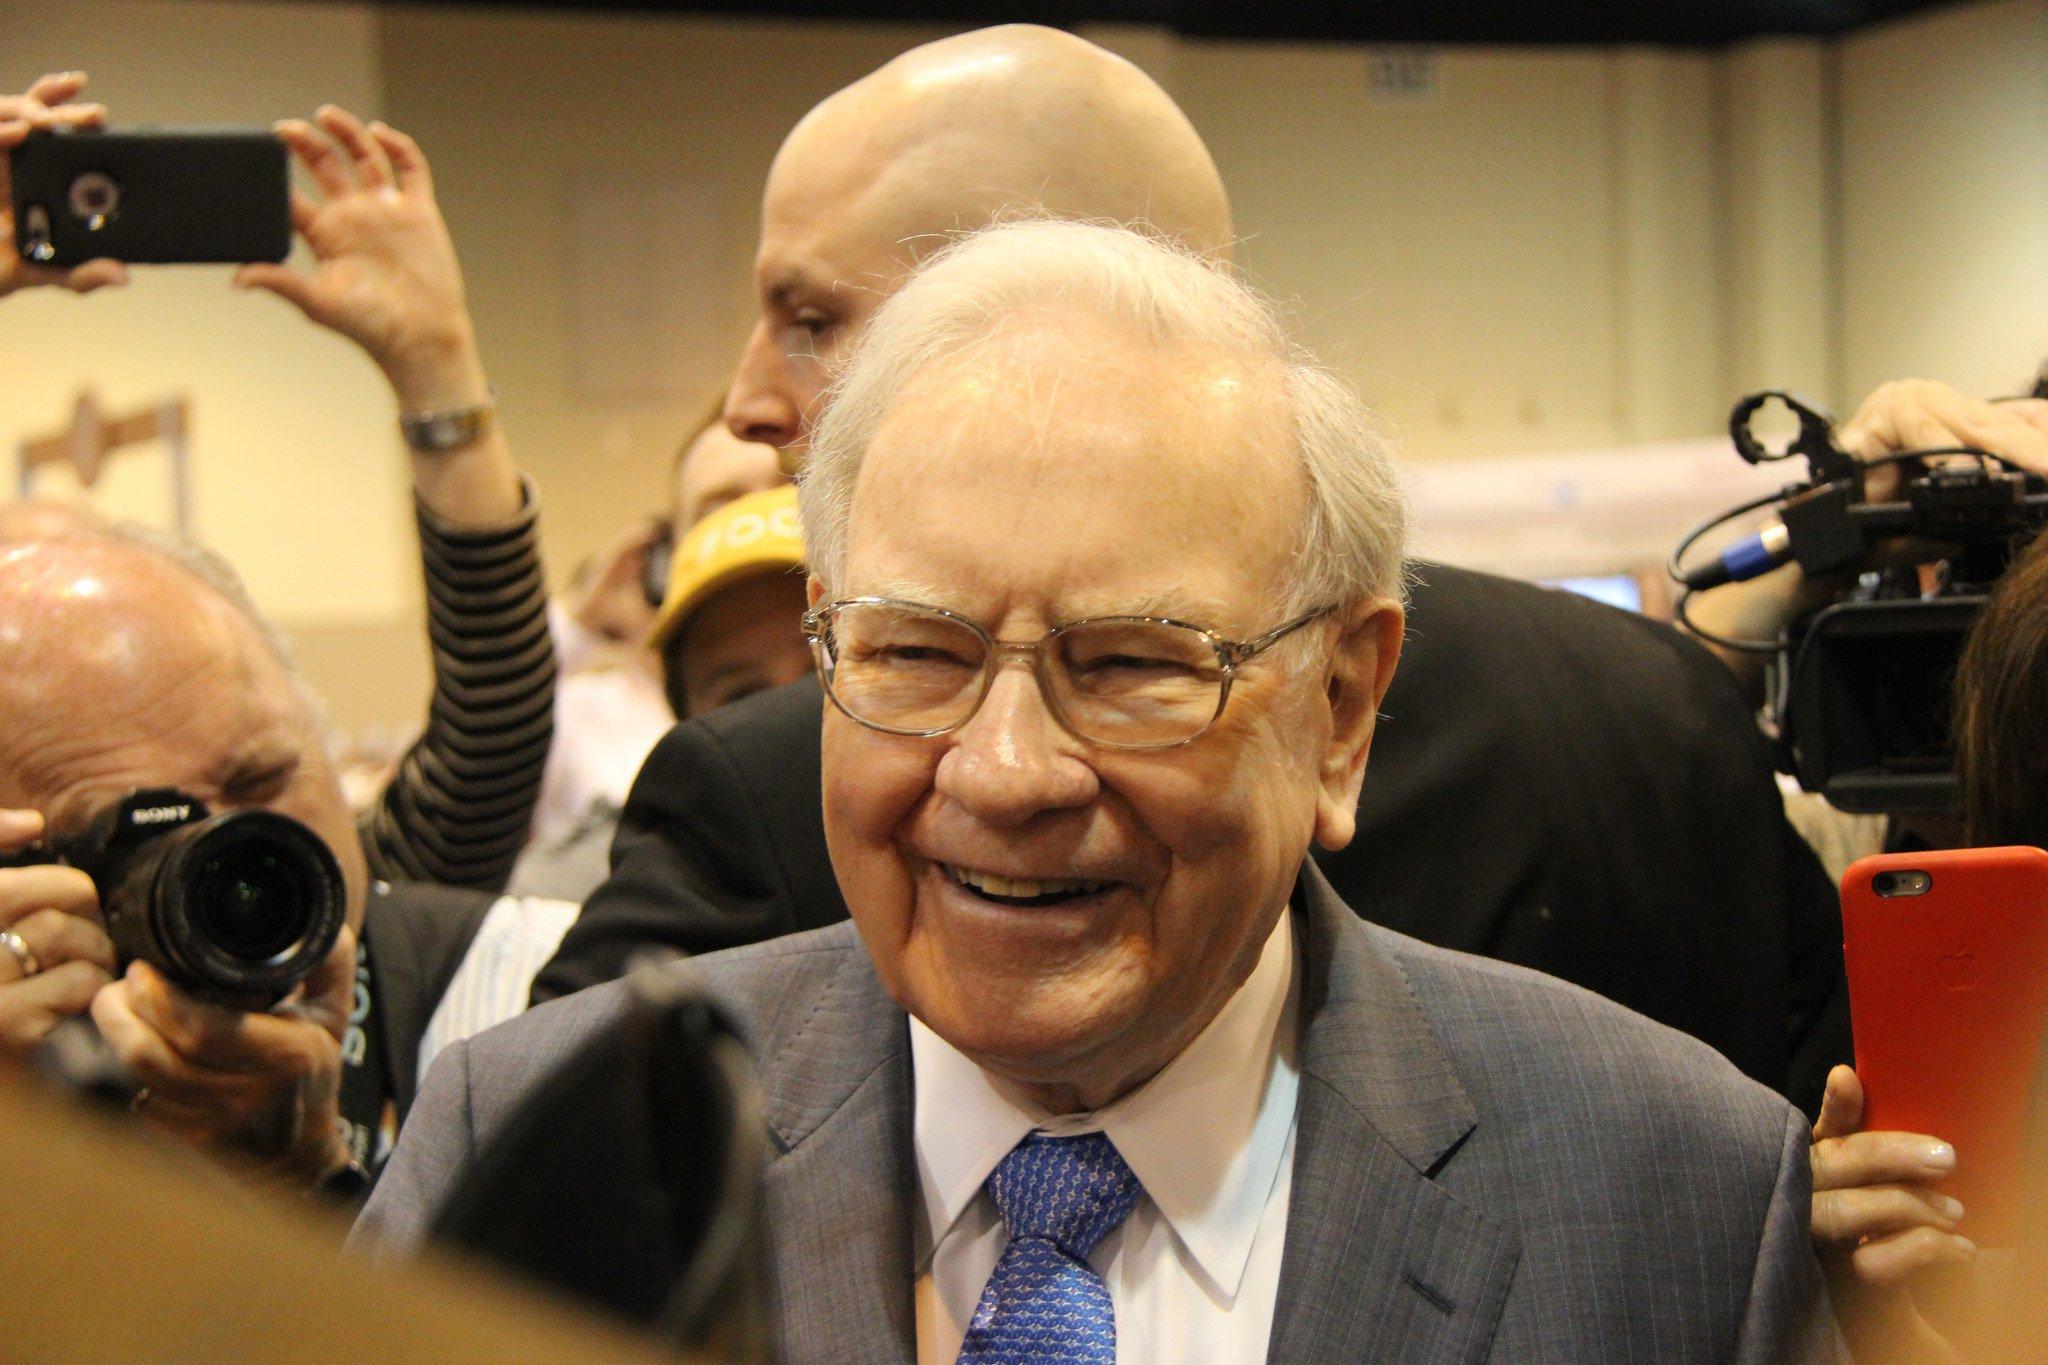 fool.com - Warren Buffett's Advice for a Stock Market Crash